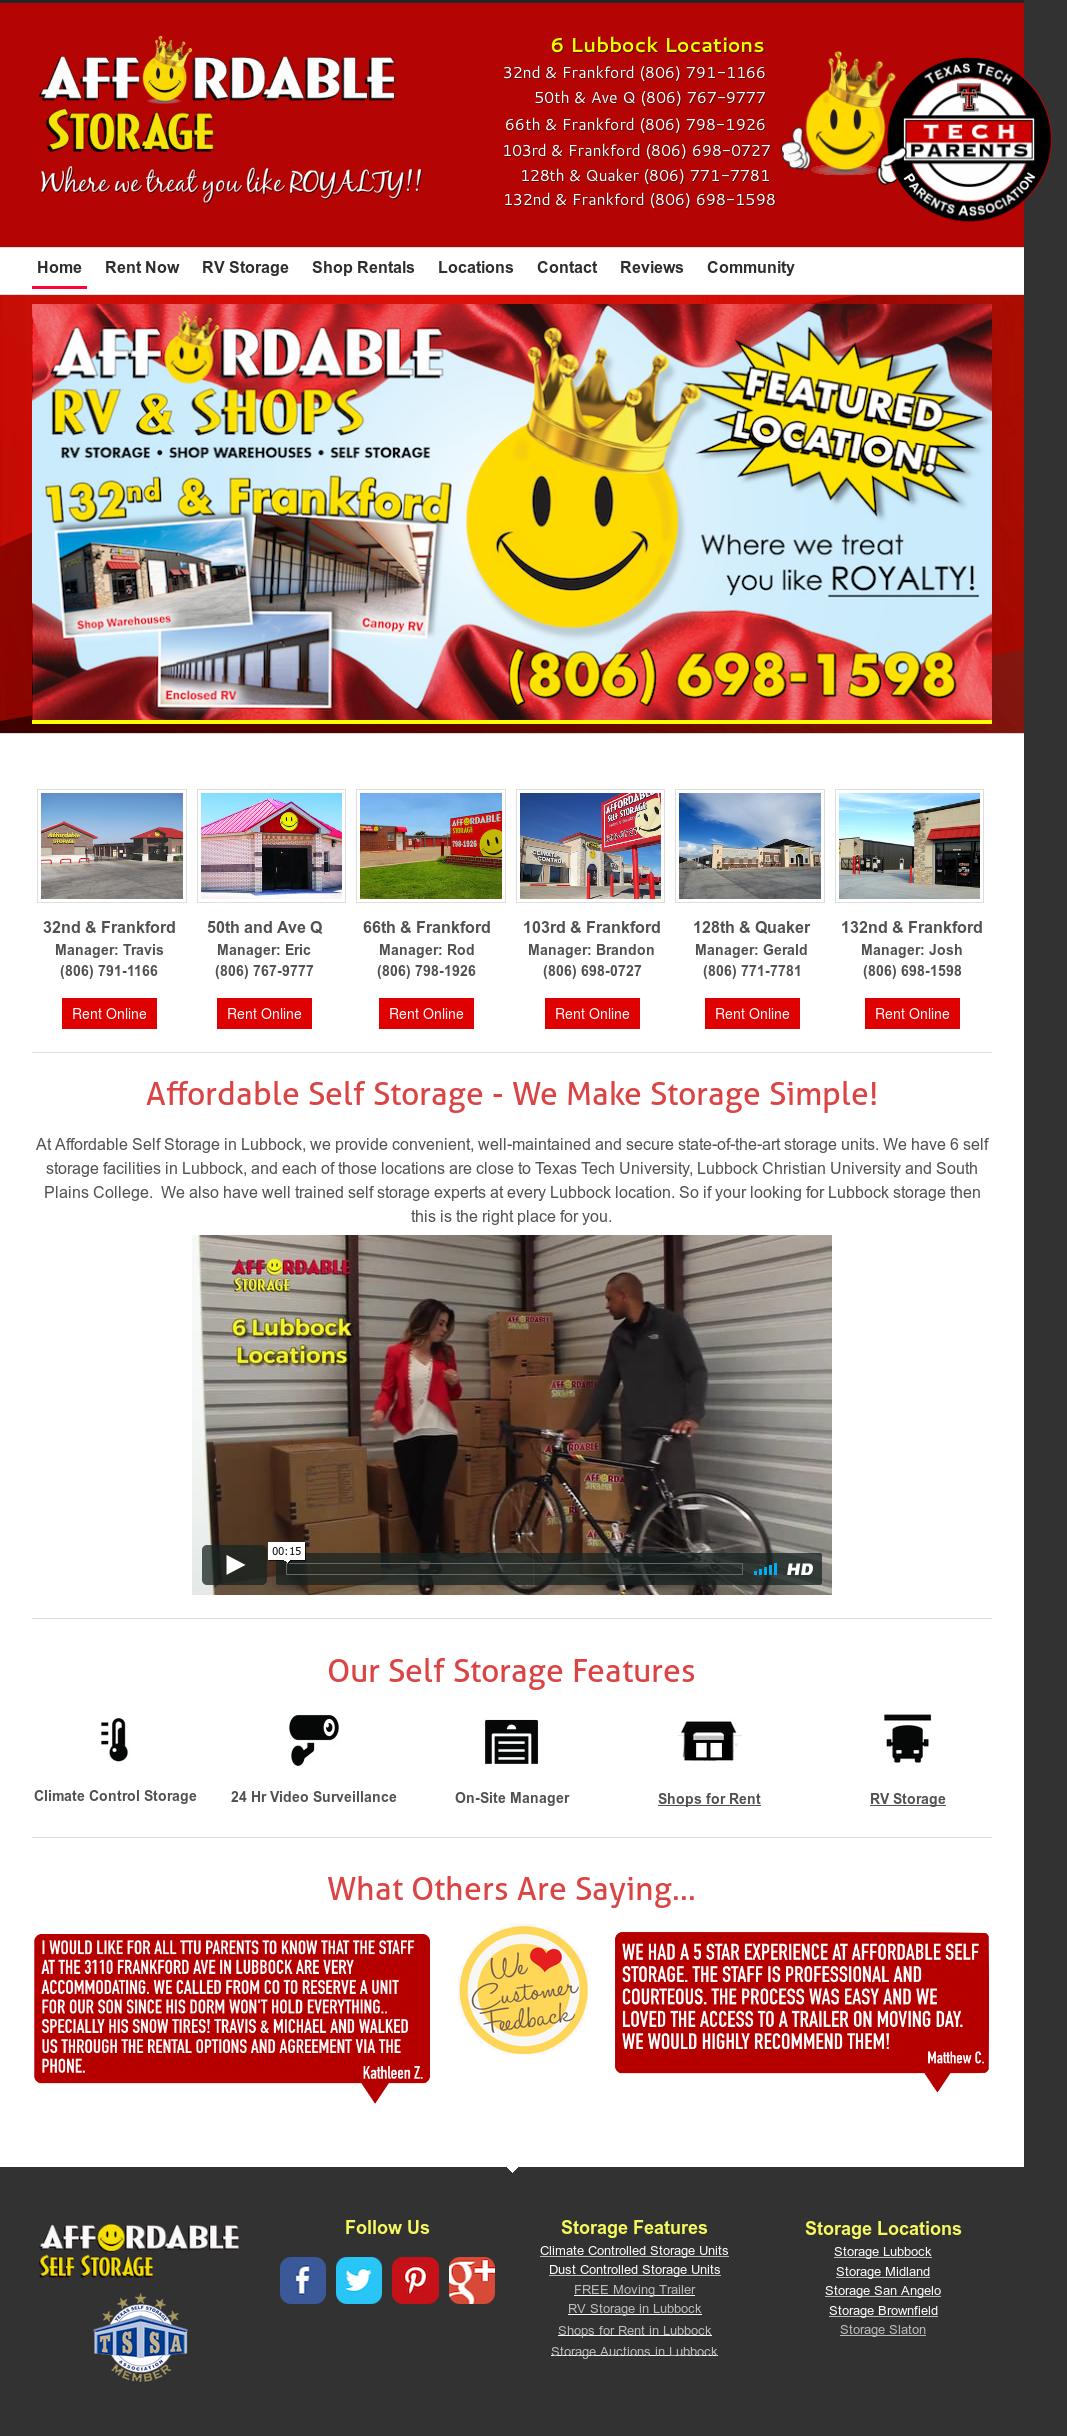 Affordable Self Storage Lubbocku0027s Website Screenshot On Jun 2017